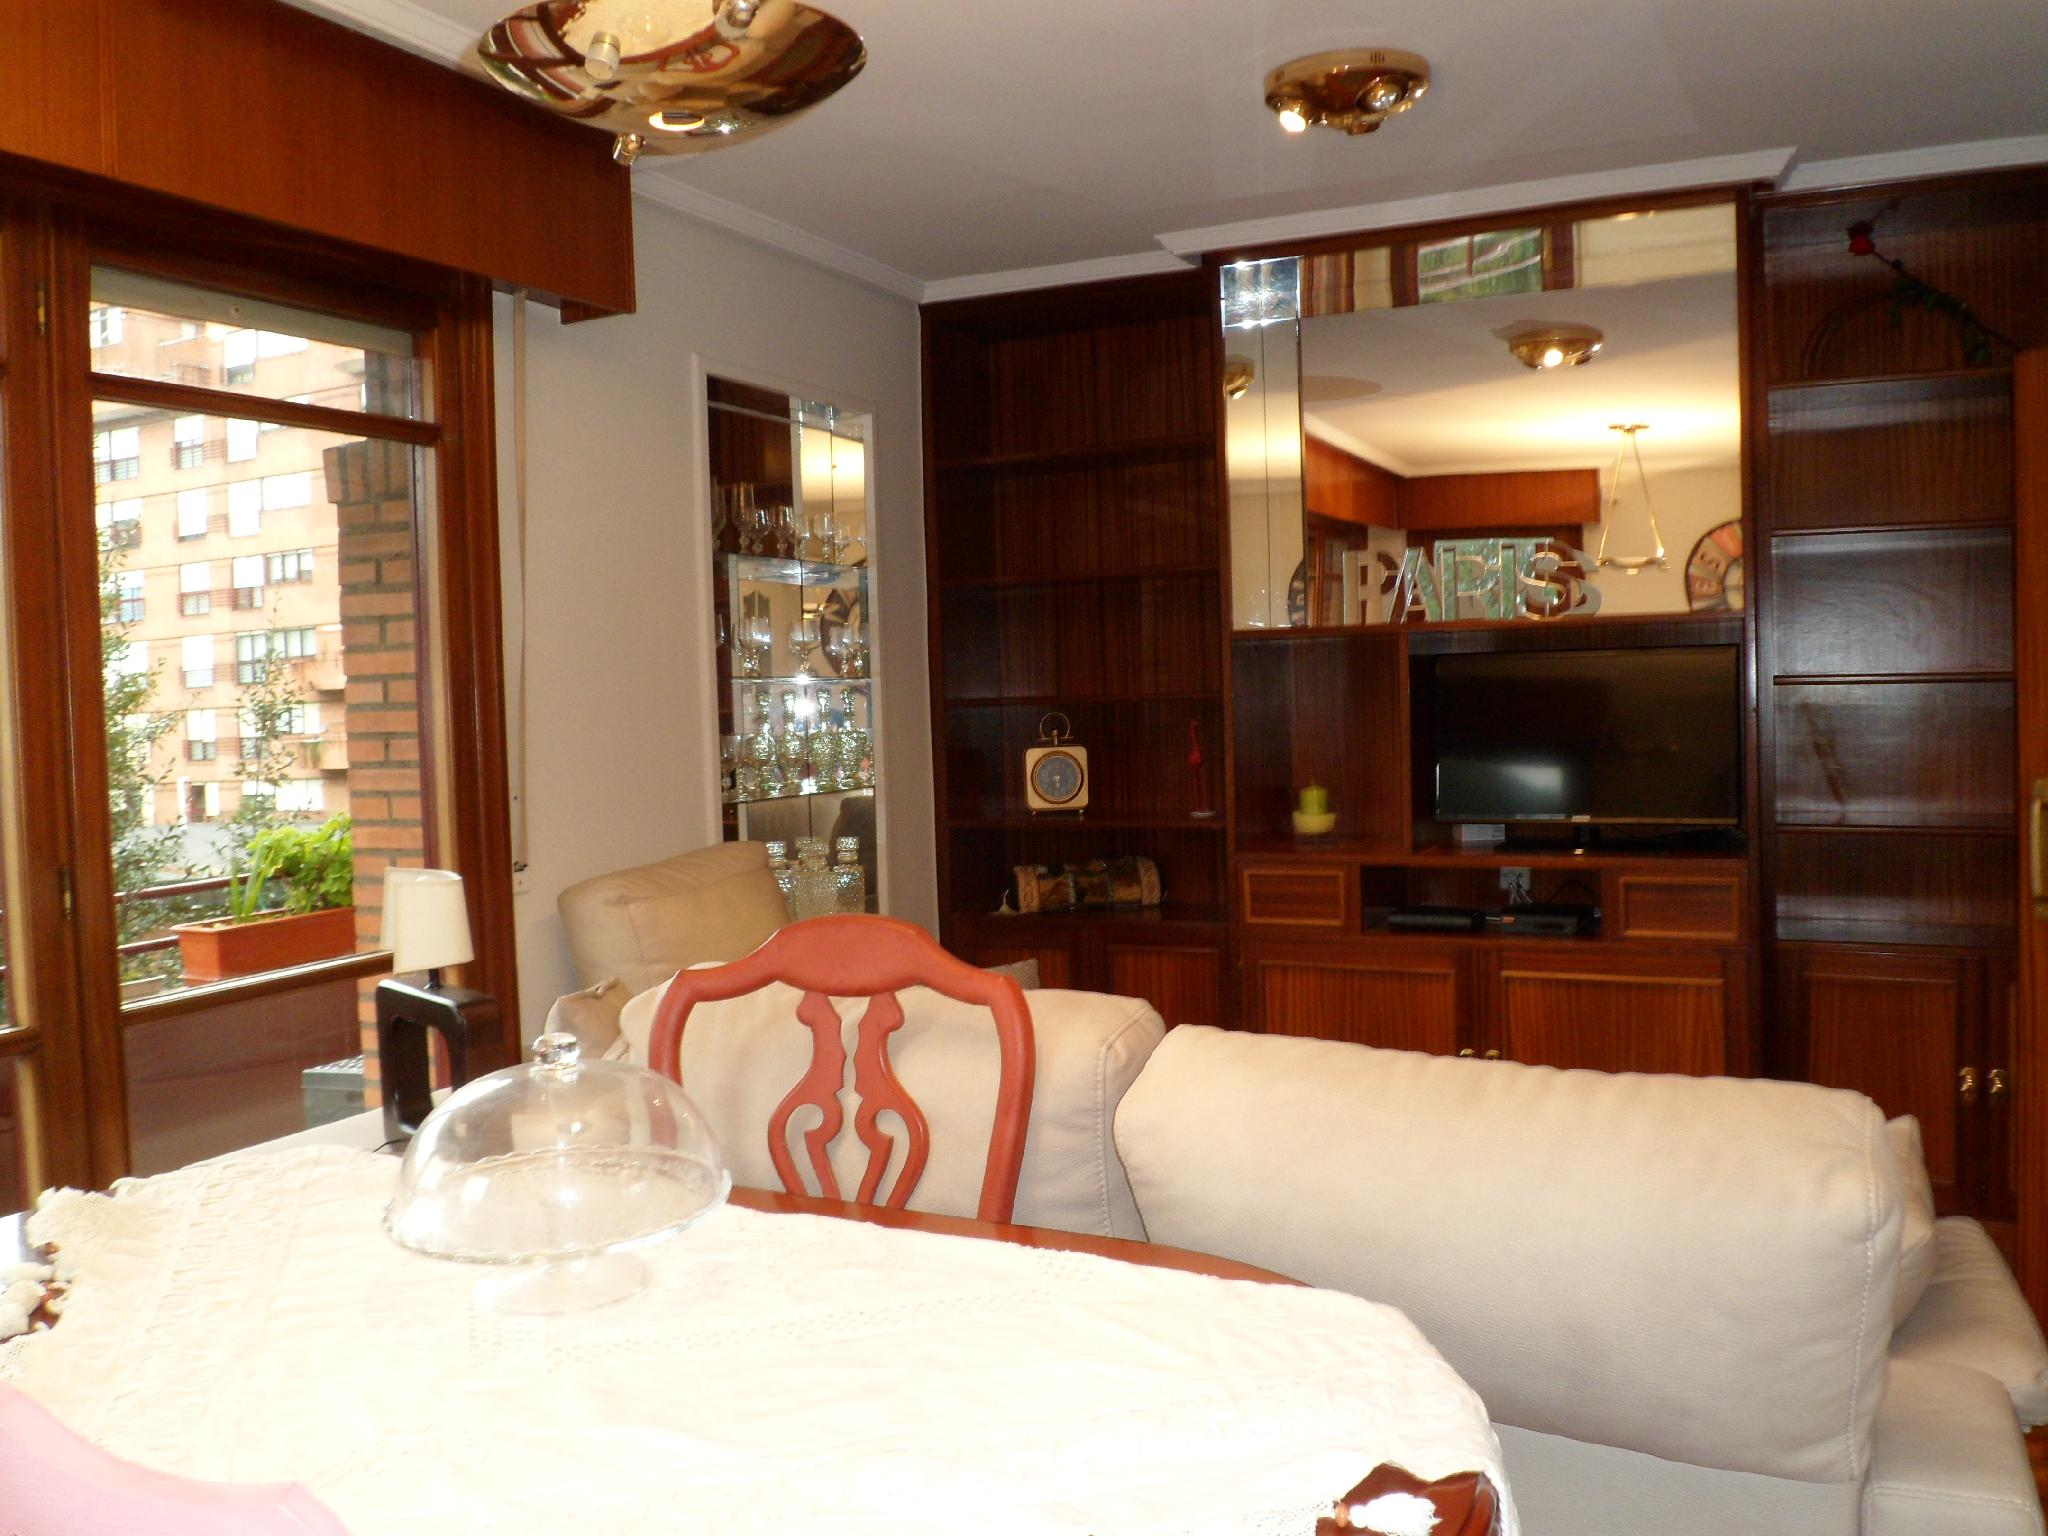 223802 - Bonito piso de 3 habitaciones a la entrada de Durango